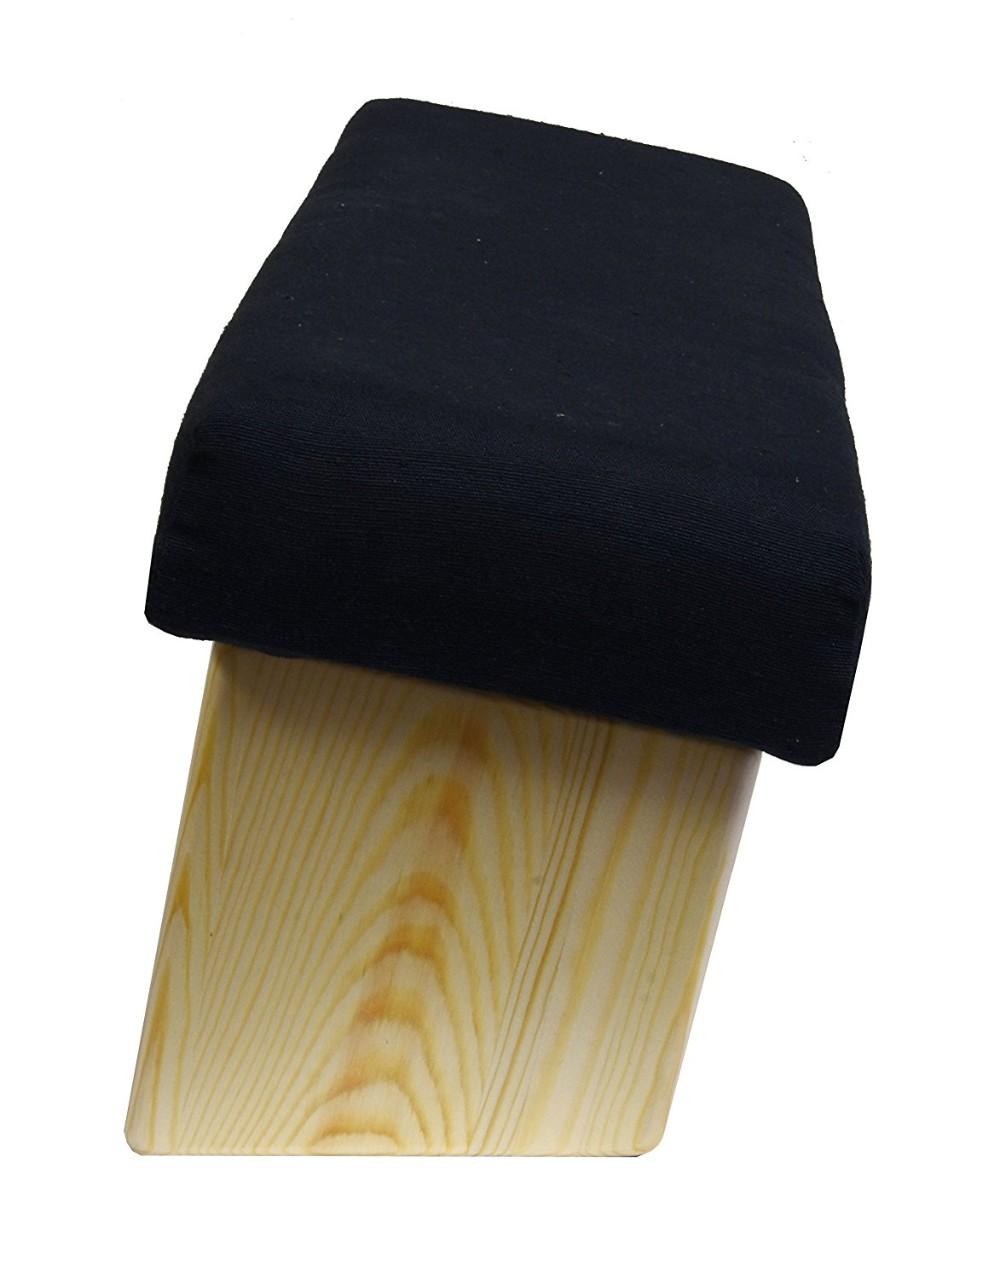 Portable Wood Yoga Seiza Kneeling Meditation Bench Folding Stool Padded Cushion Angled Seat